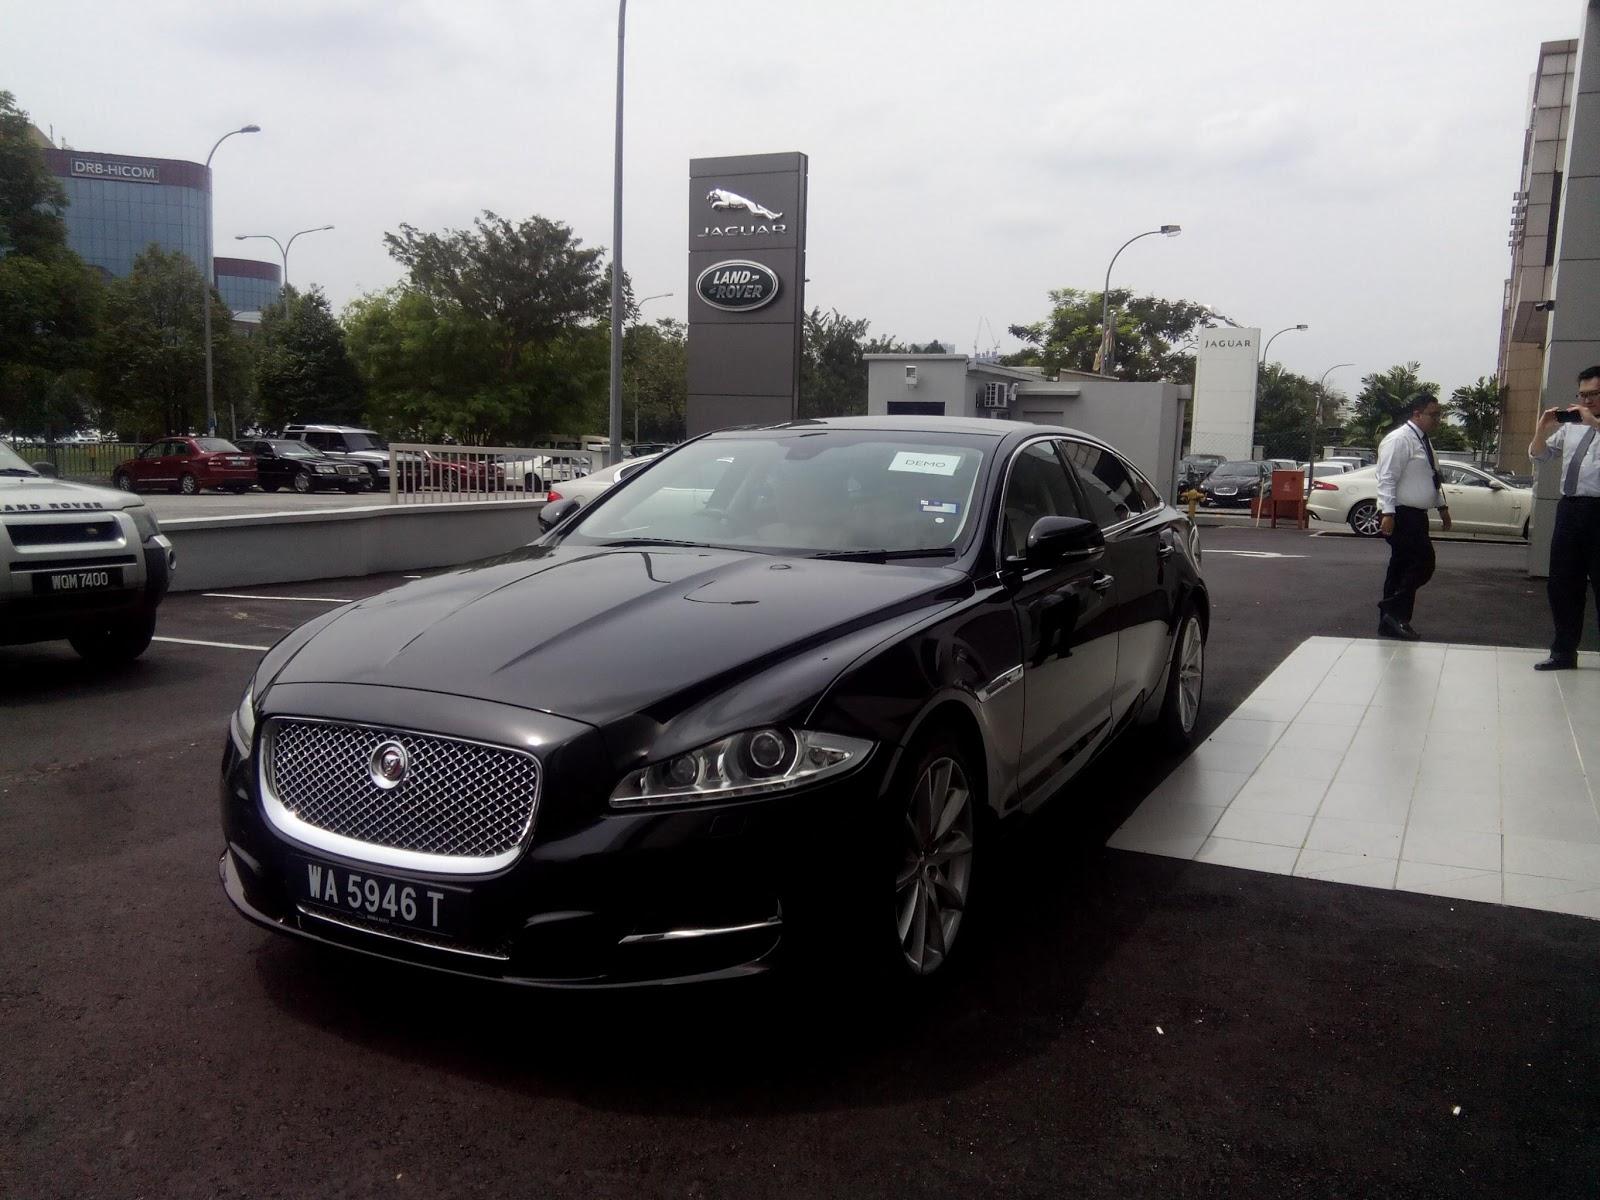 motoring-malaysia: short drive: the jaguar xjl 2.0 ti - if i somehow